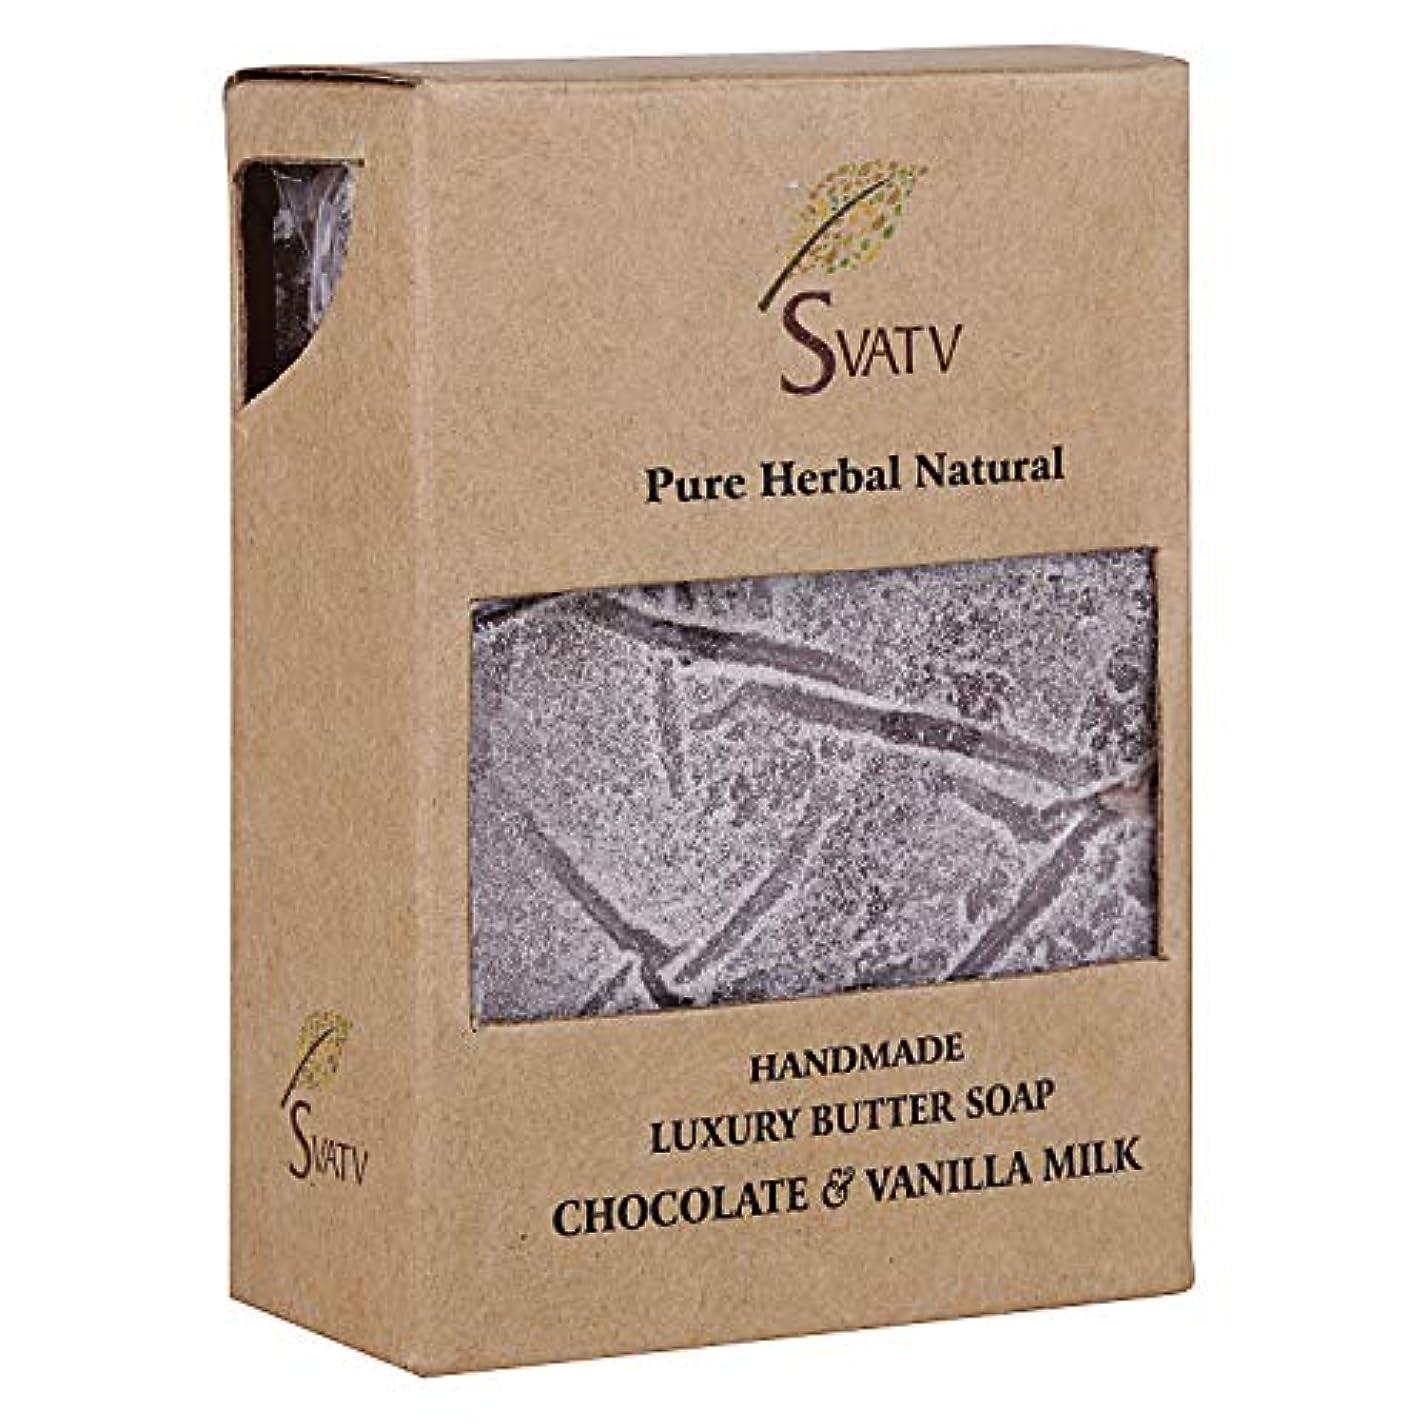 届ける荒涼とした供給SVATV Handmade Luxury Butter Soap Chocolate & Vanilla Milk For All Skin types 100g Bar